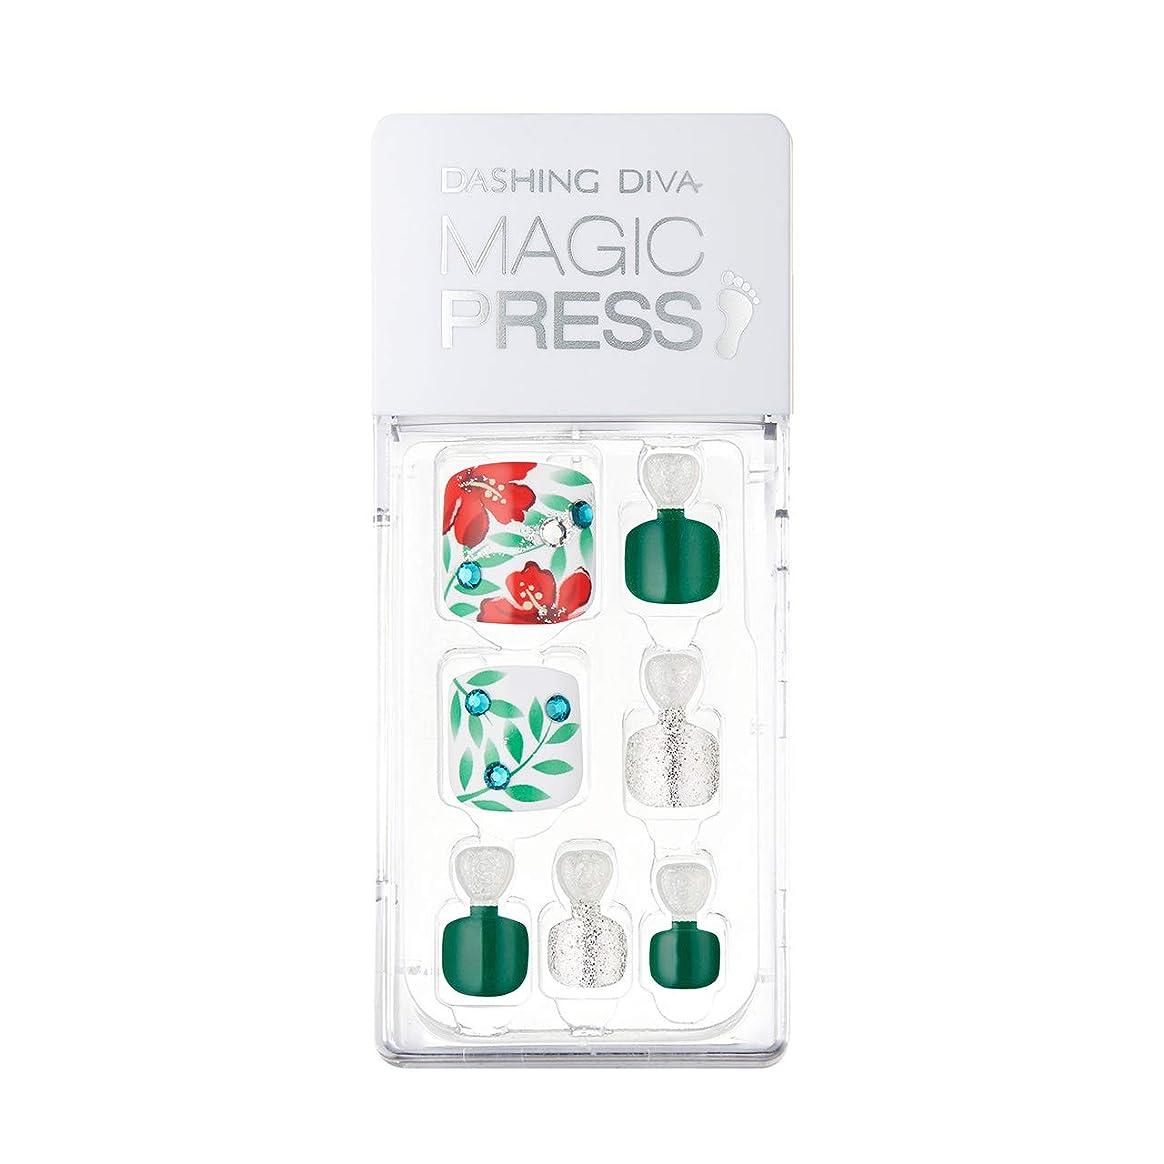 後退する上に築きます魔術ダッシングディバ マジックプレス DASHING DIVA MagicPress MDR_377P-DURY+ オリジナルジェル ネイルチップ Maxi Dress